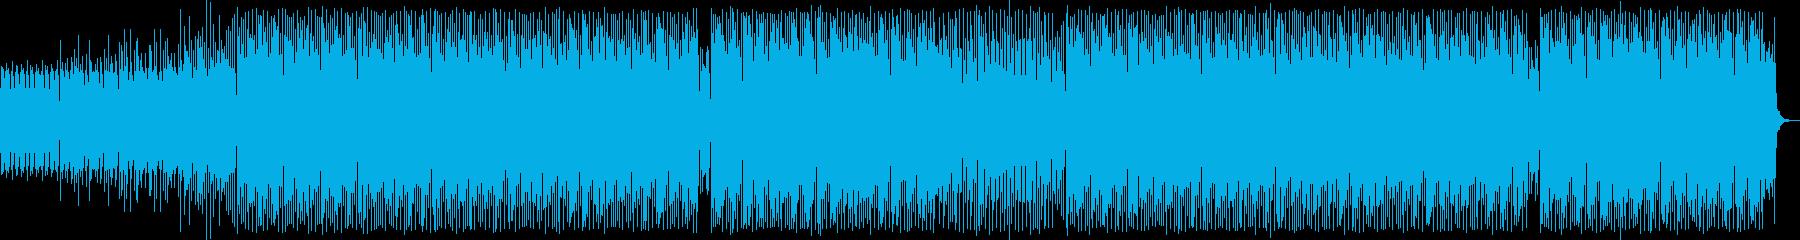 わくわくする4つ打ちのテクノ音の再生済みの波形